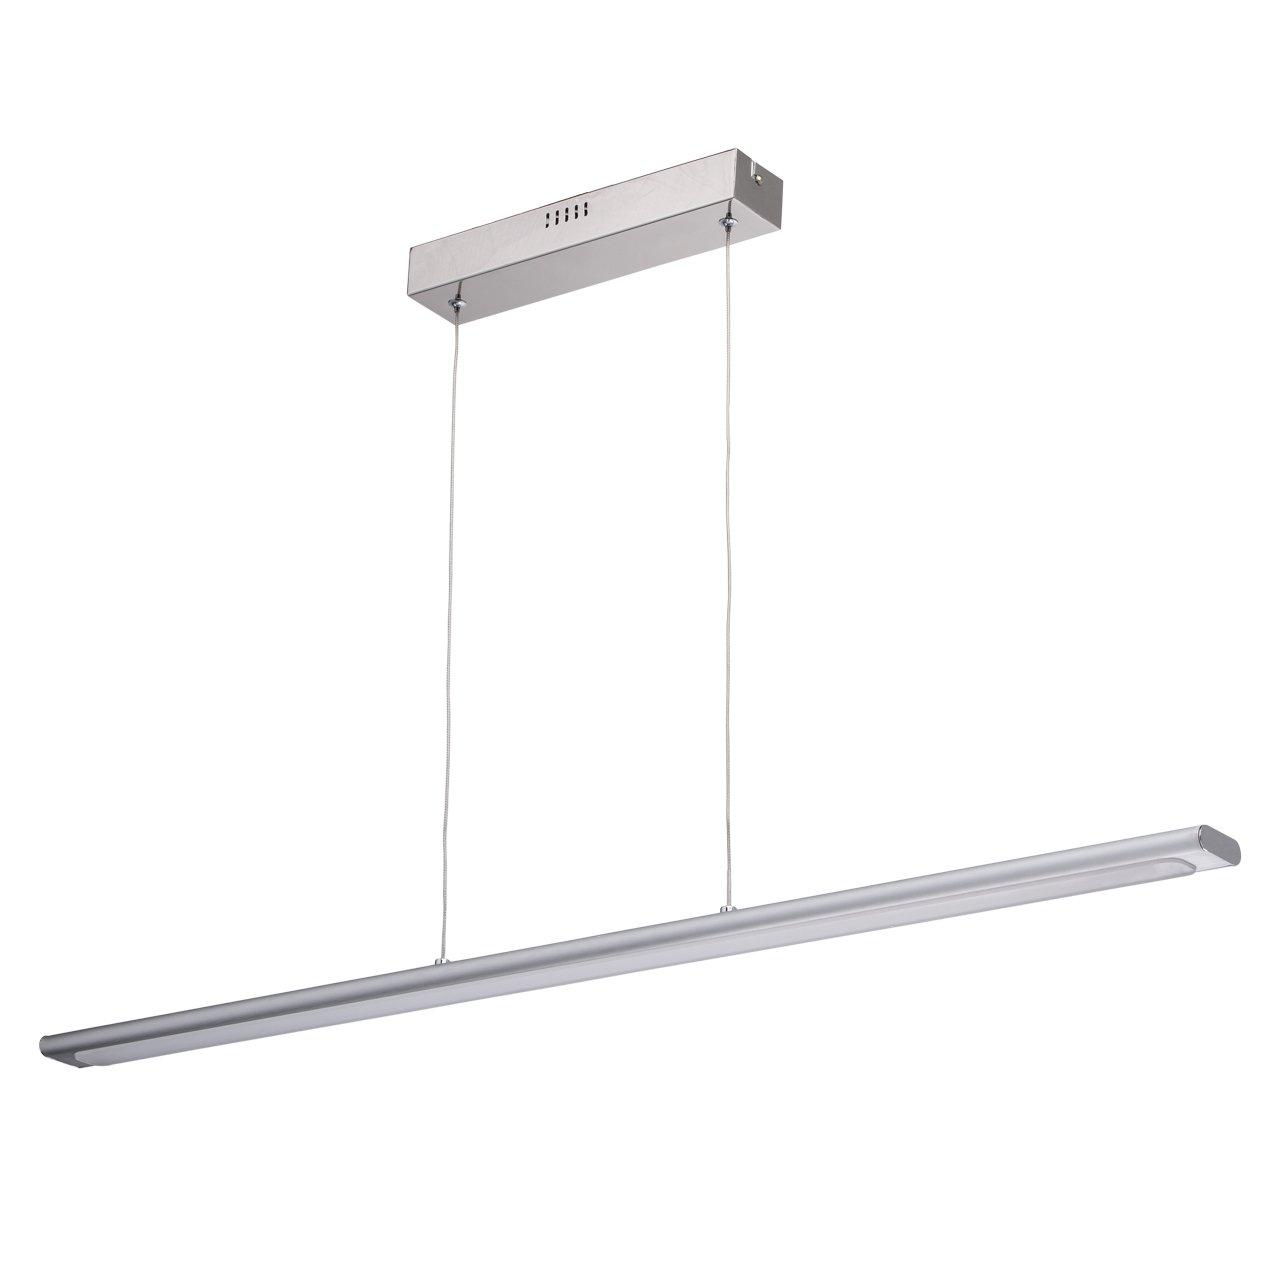 Suspension Barre LED Originale de Style Moderne en Acier Inox couleur Chrome avec Abat-jour en Aluminium et Acrylique pour Chambre Cuisine Bureau Hauteur Ajustable 4x4.8W LED SMD inclus MW-Light